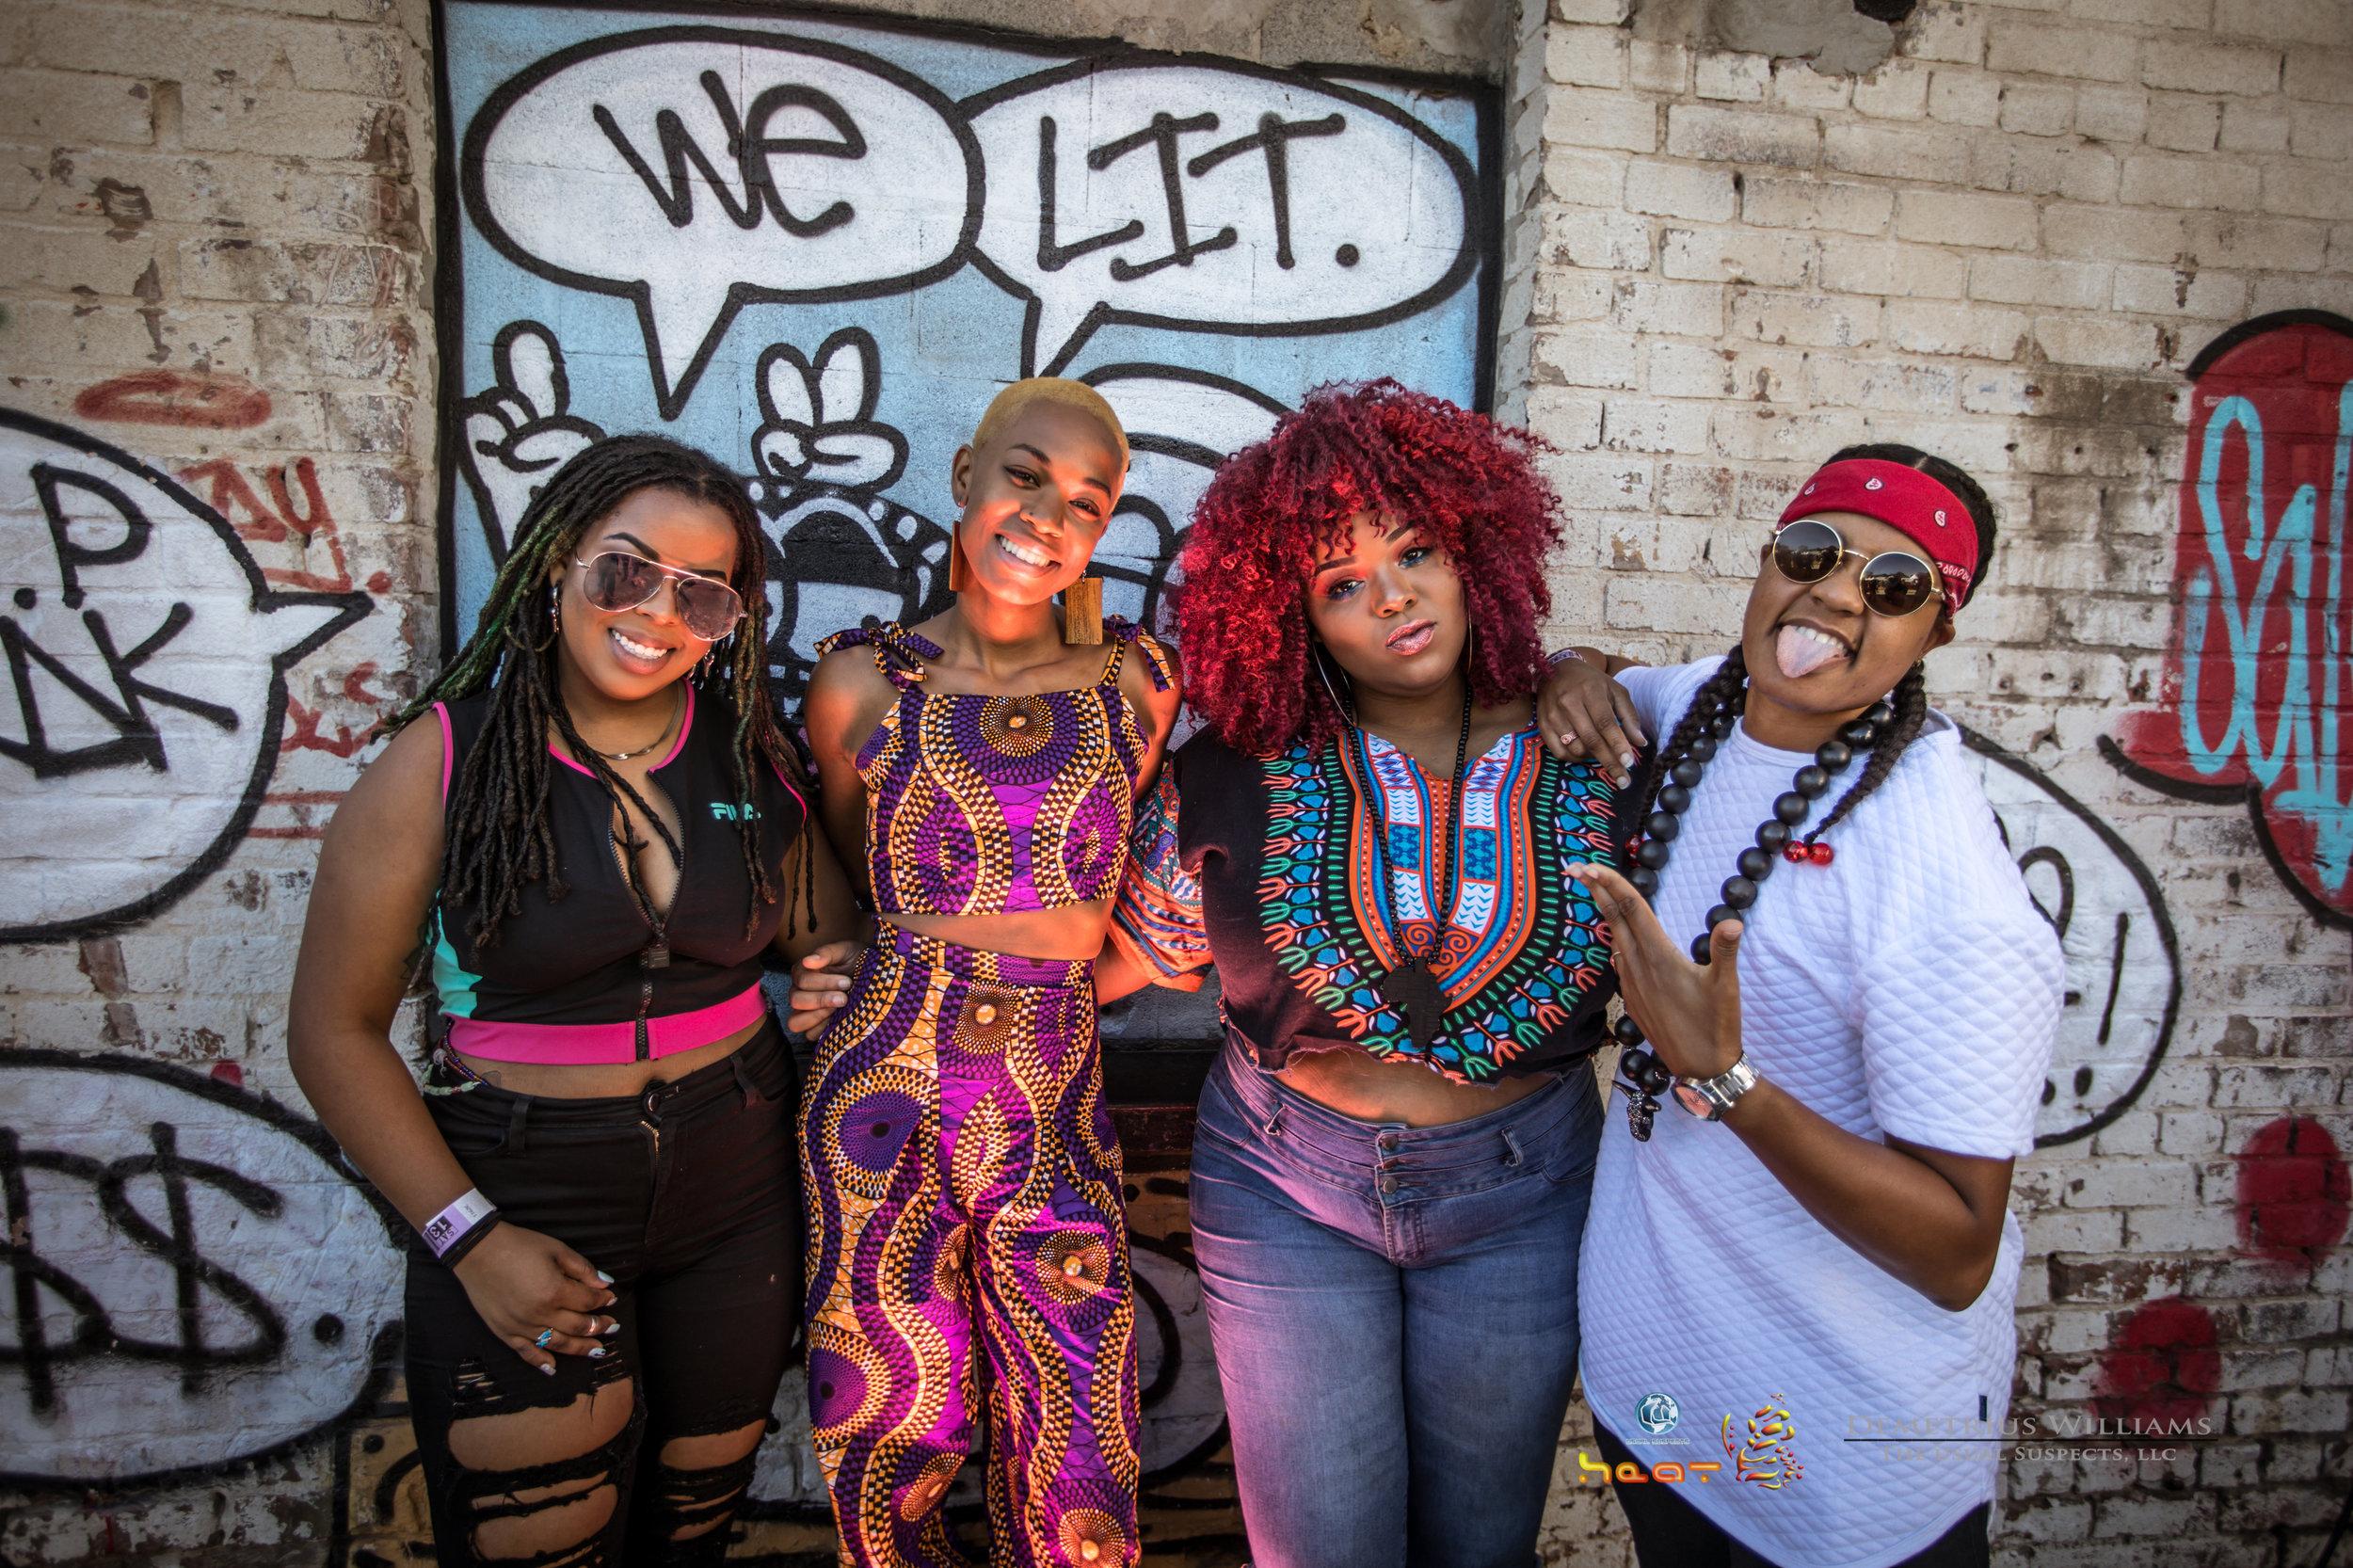 The TxLips Band: l to r - Gabriella Logan, Dara Carter, Joela Saintil, Monique Williams